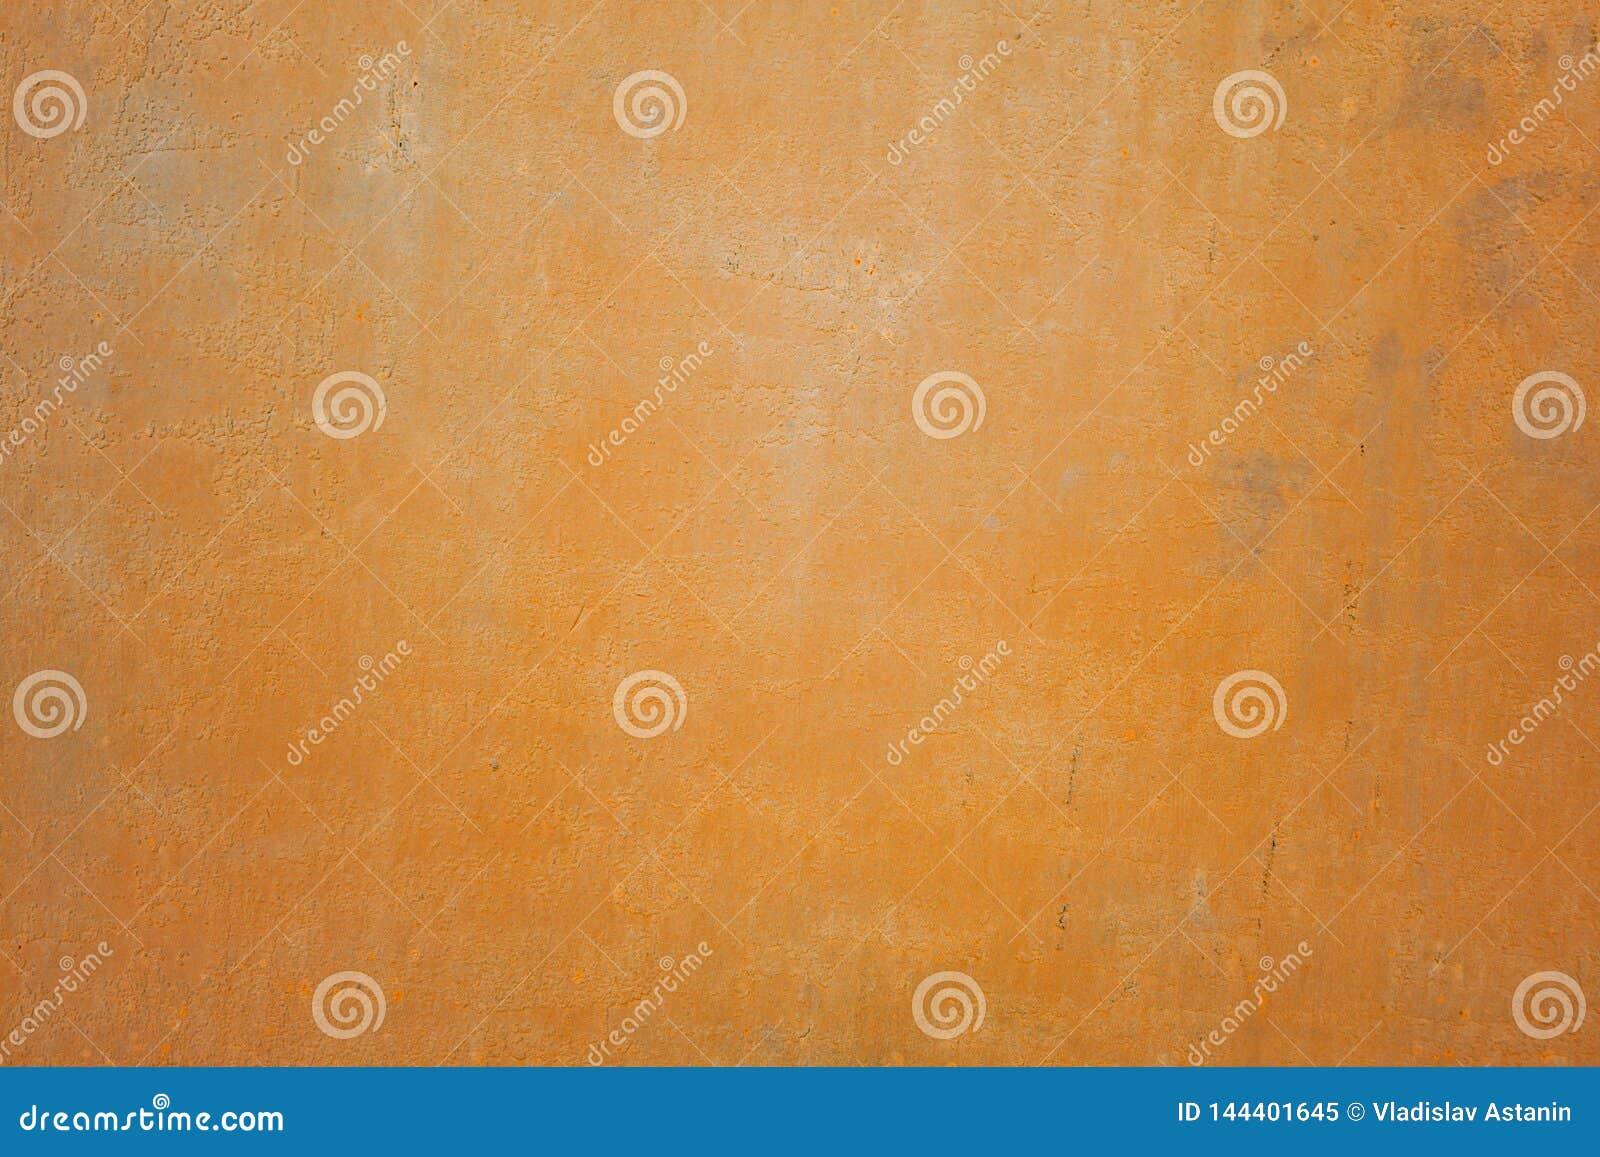 Fundo da oxida??o do metal, textura velha da oxida??o do ferro do metal, oxida??o na superf?cie